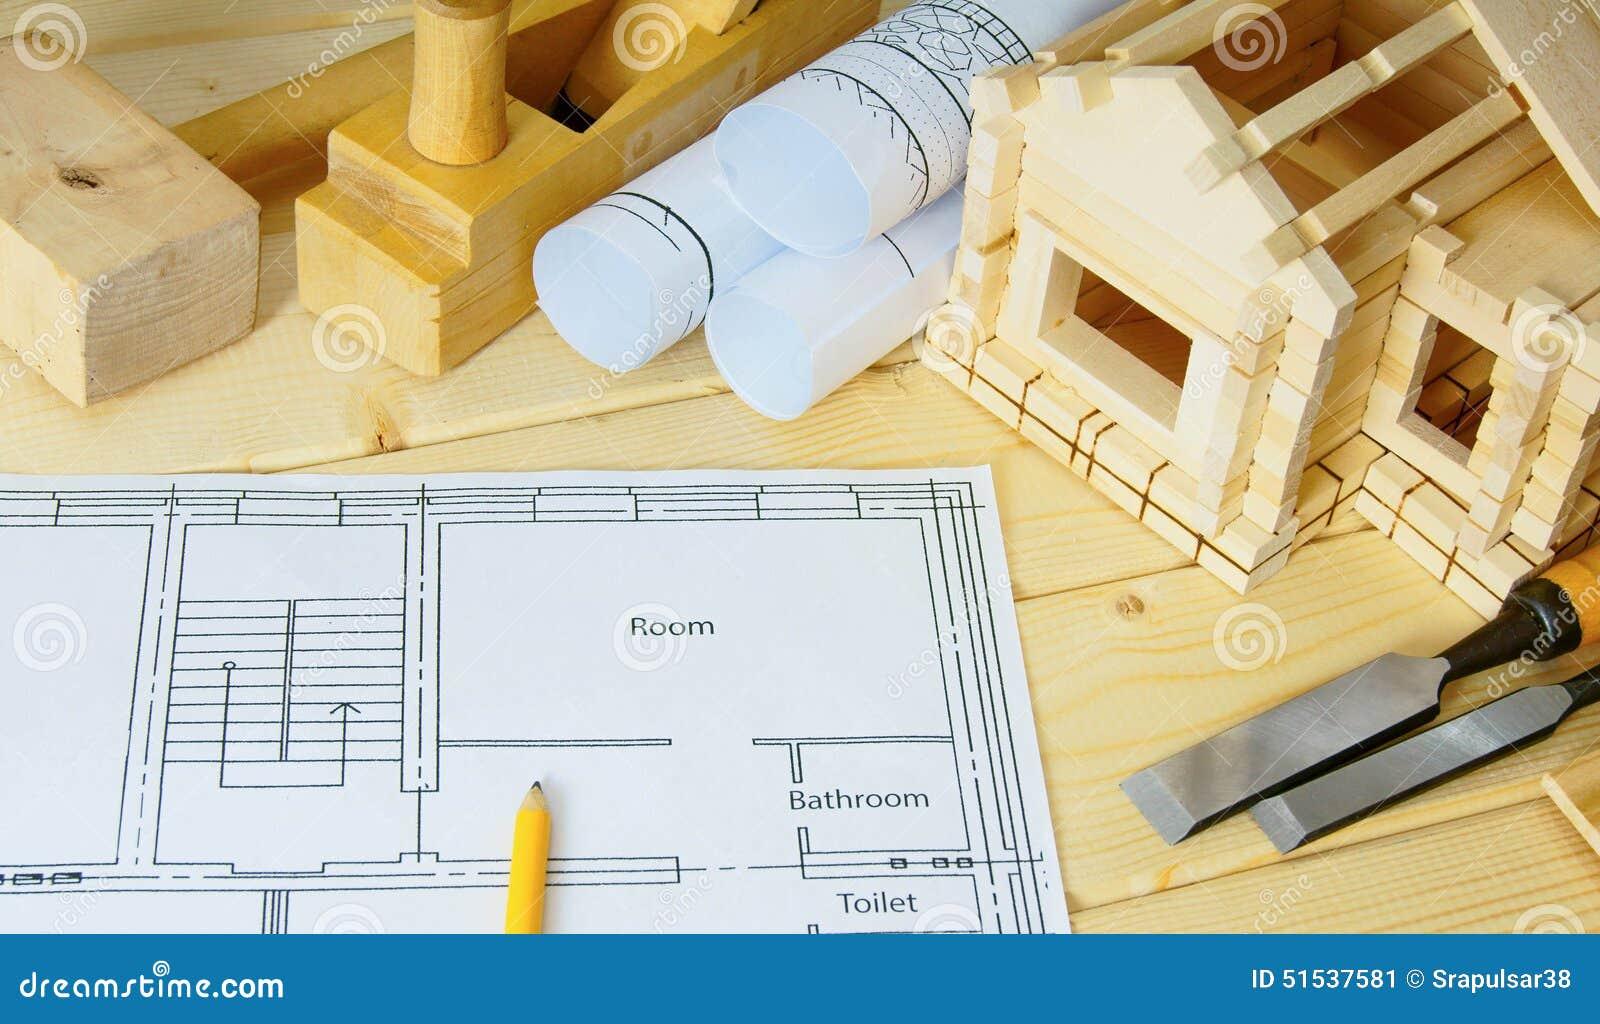 Construire une petite maison fabricant maison ossature for Papier pour permis de construire